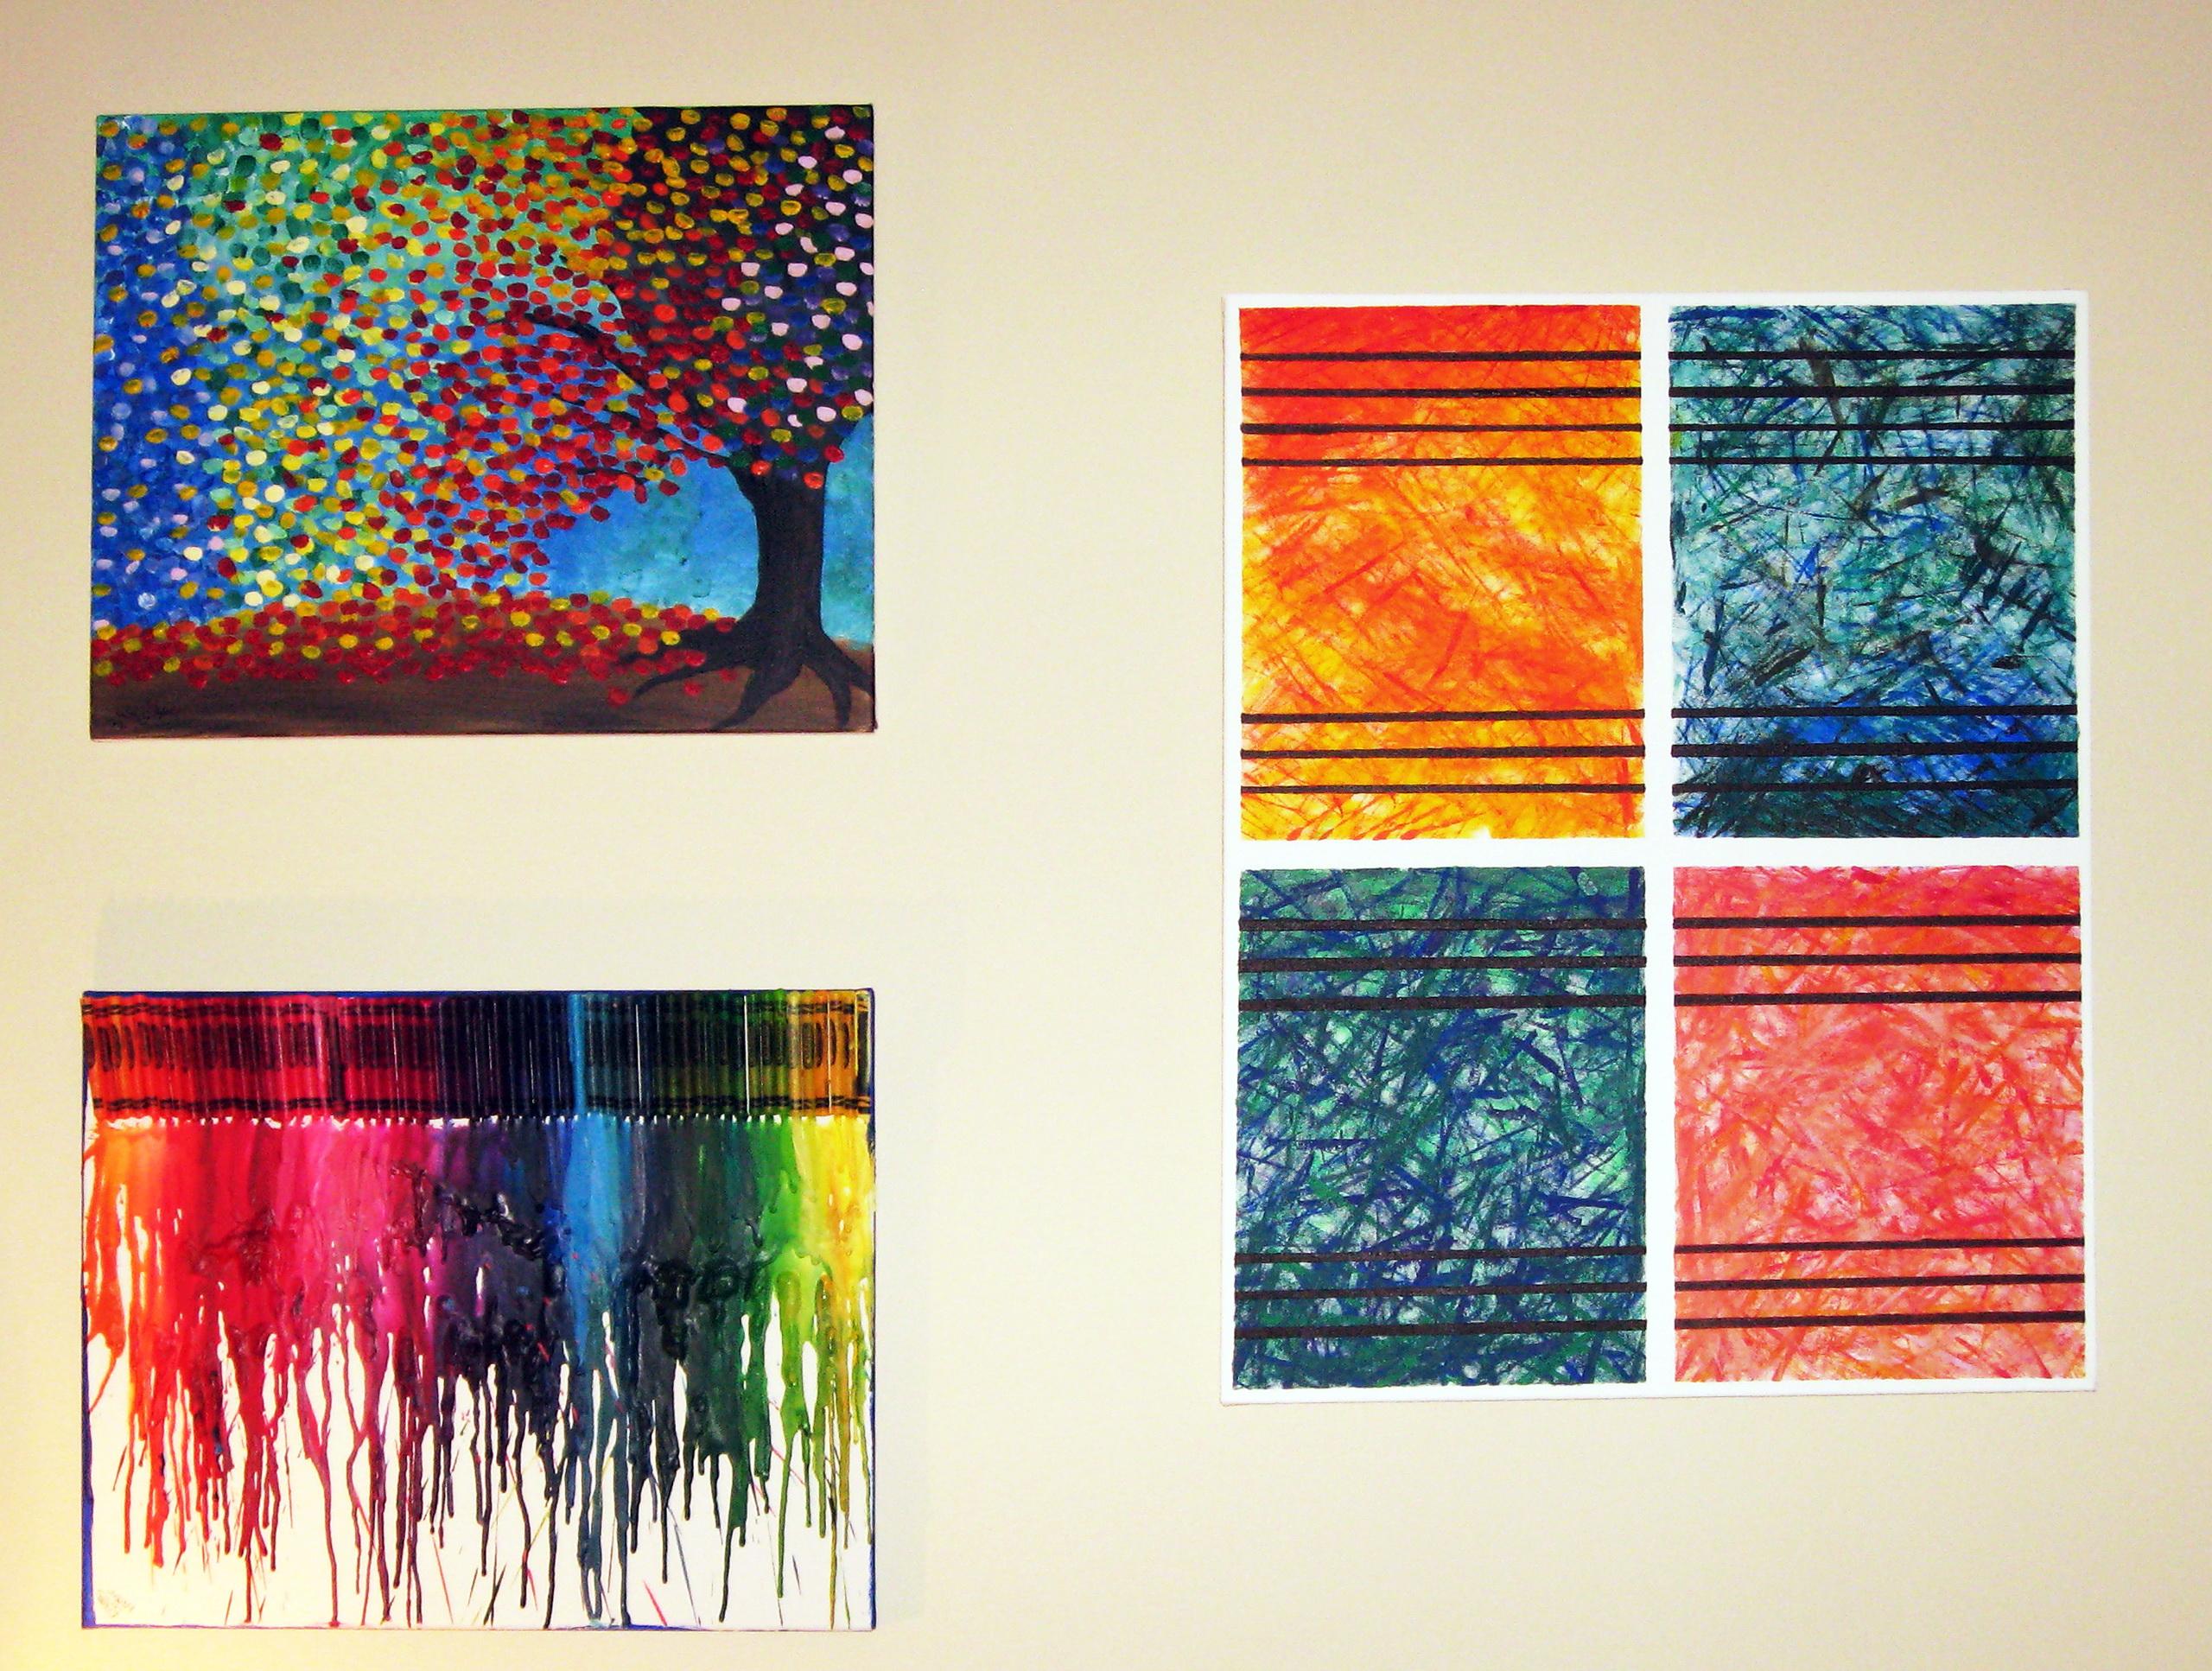 Abstract Wall Art Diy